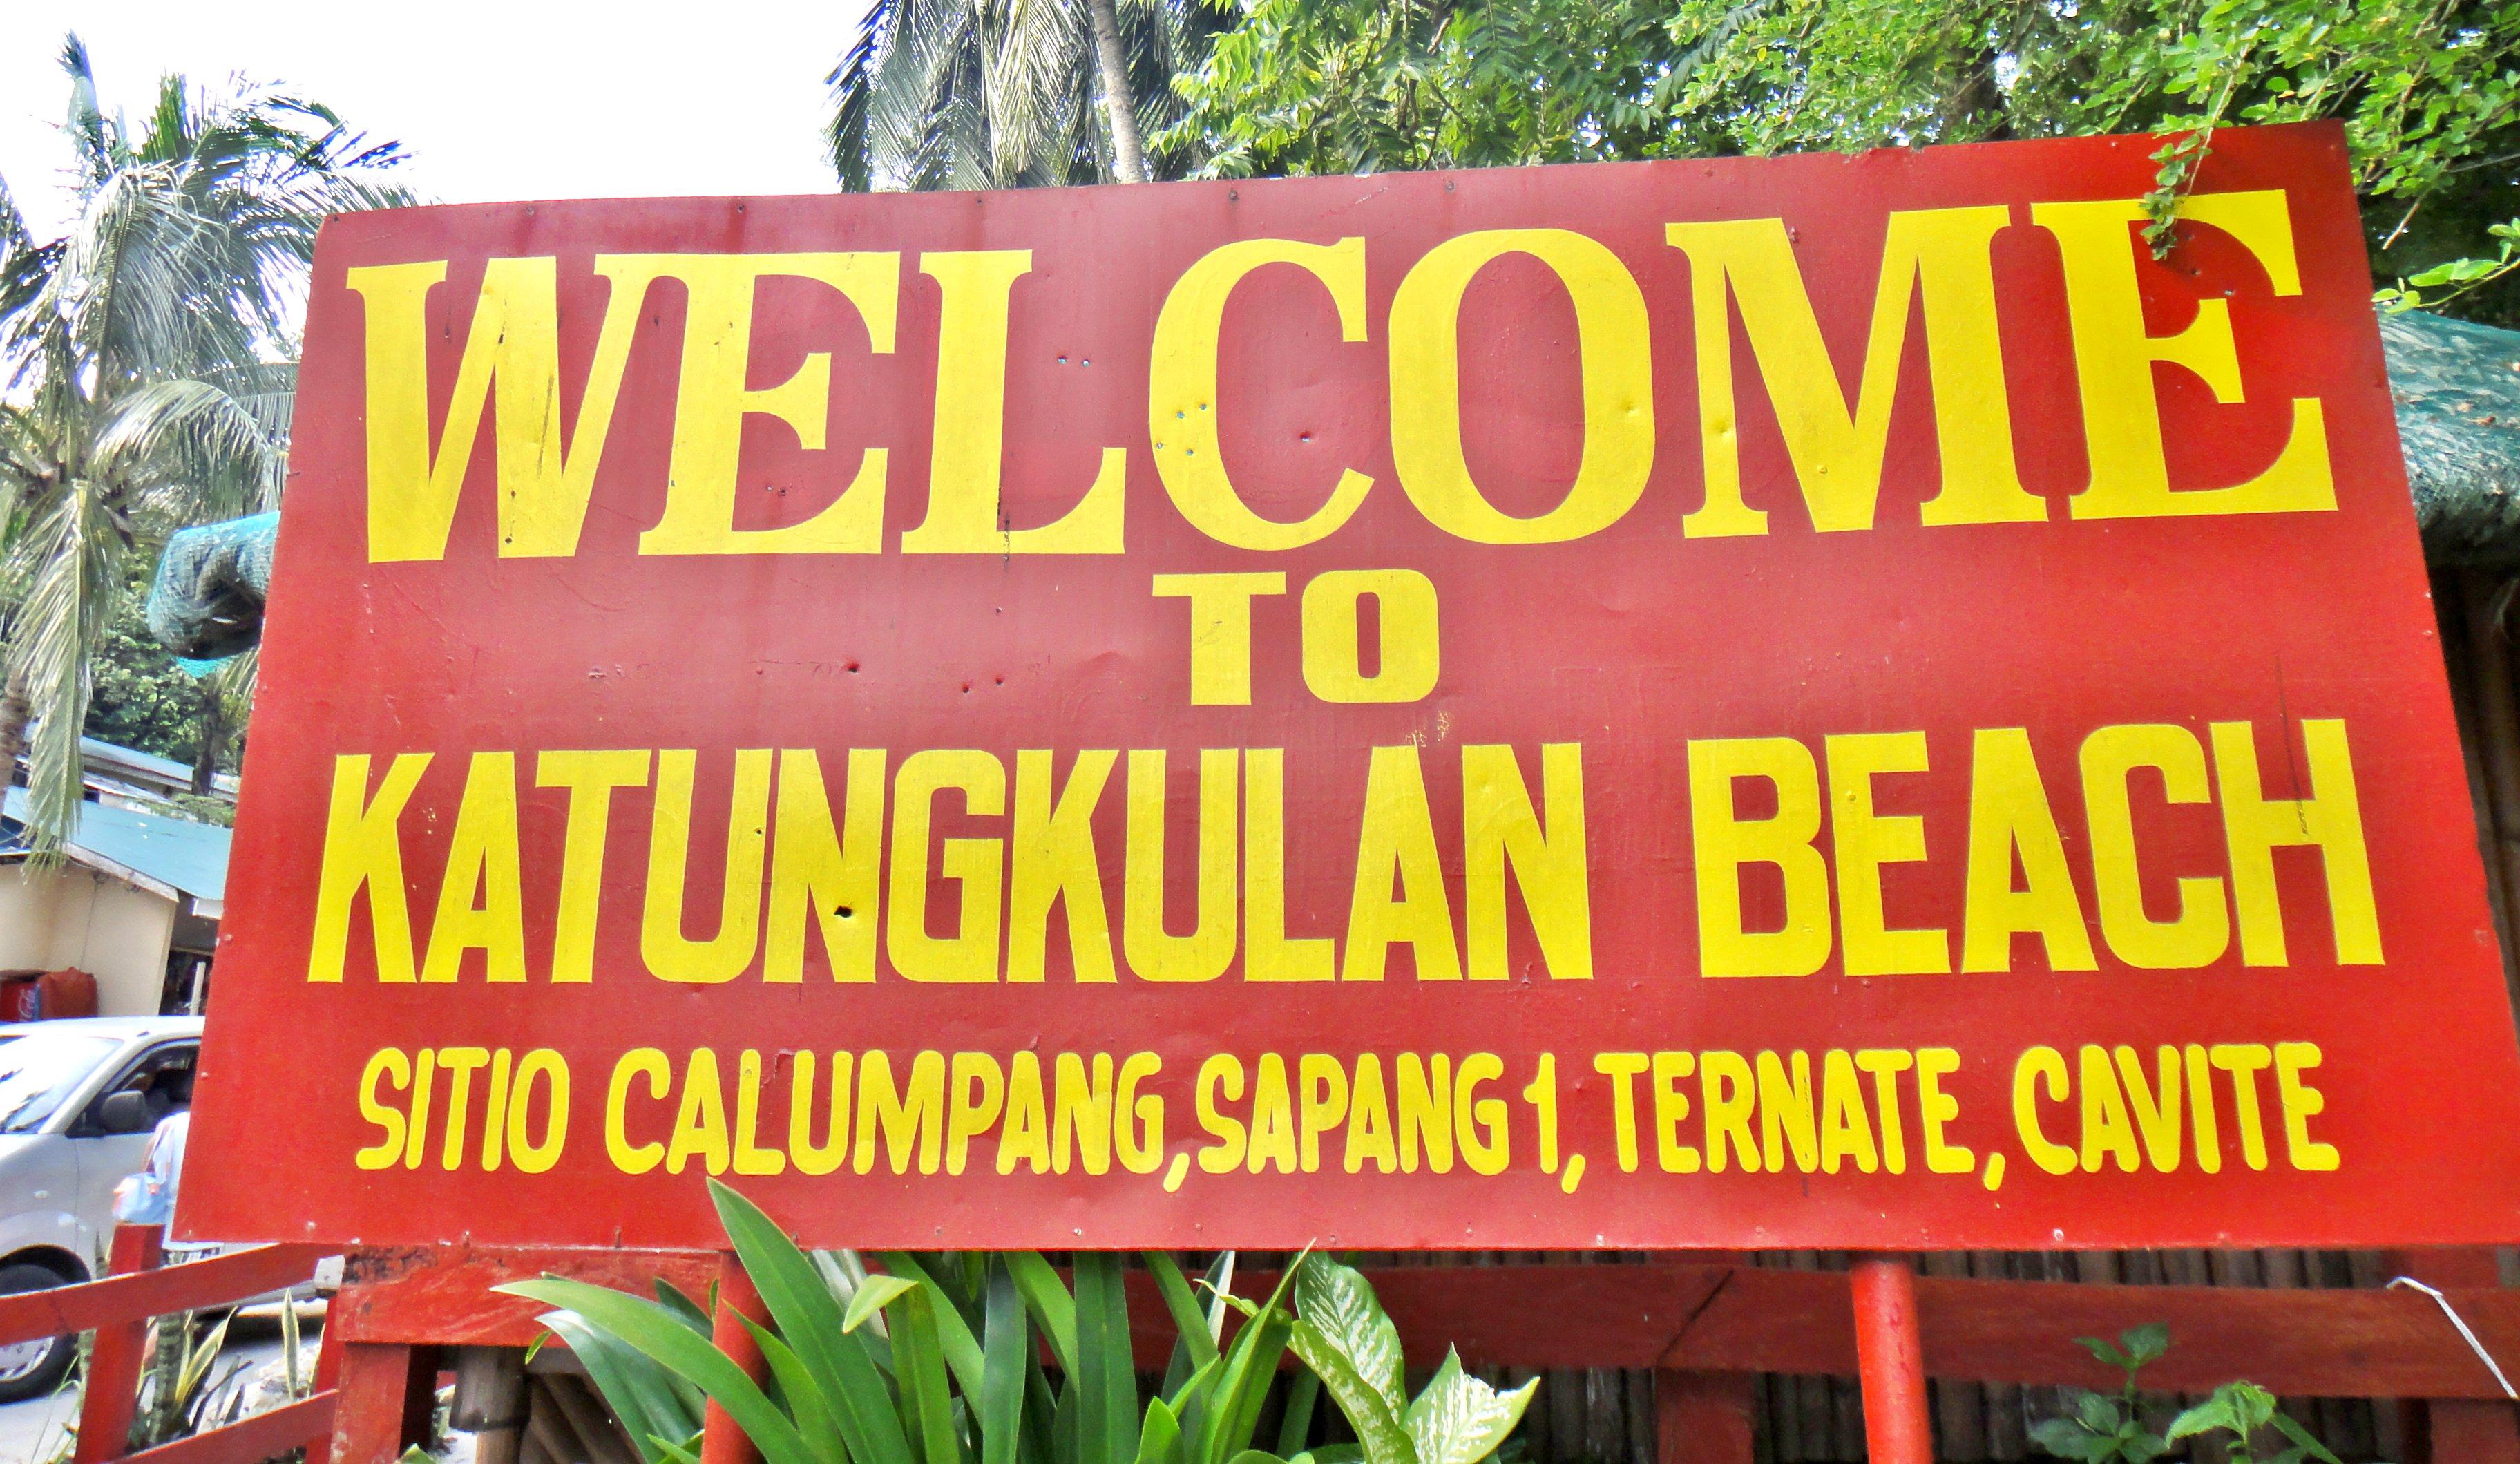 Boracay De Cavite A Beach Resort inside Gregorio Lim Marine Base